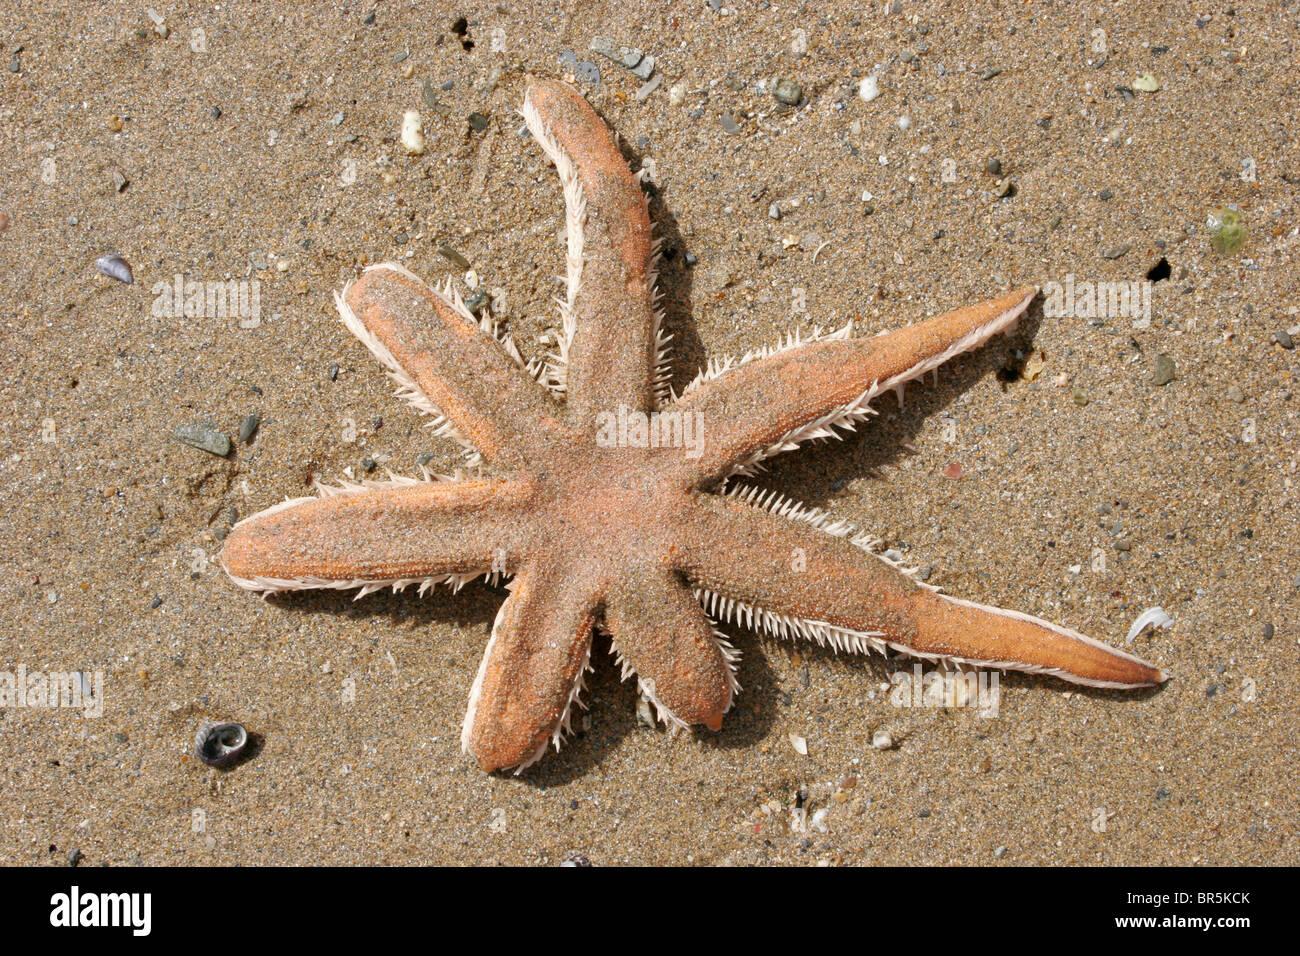 Starfish (siete brazos Luidia ciliaris : Luidiidae) expuesta en la arena en marea baja, Reino Unido. Imagen De Stock